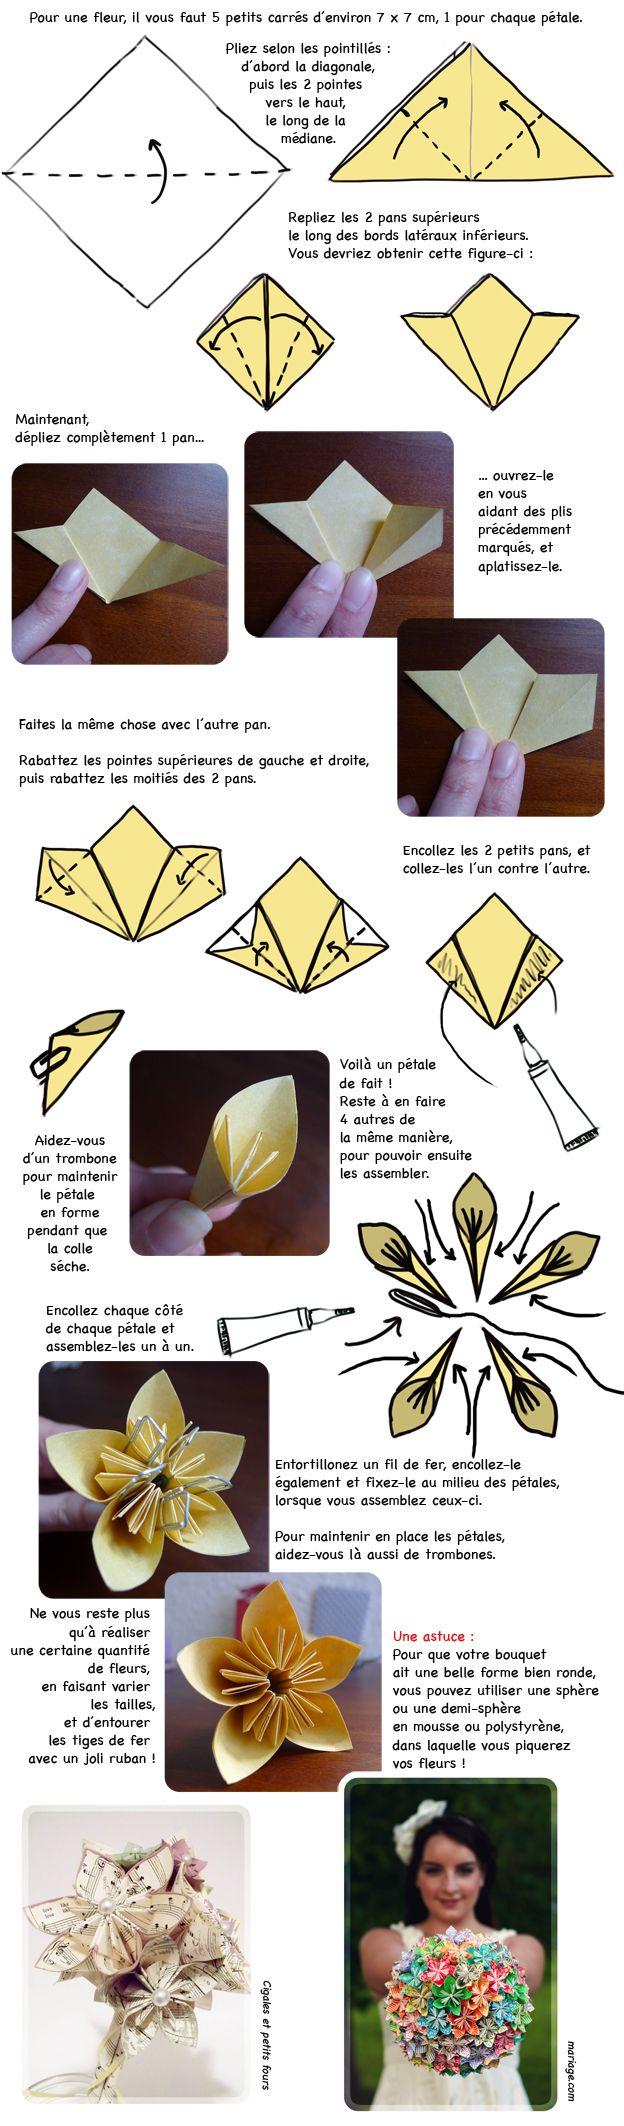 DIY mariage : fabriquer un bouquet de mariée origami - Loisirs créatifs